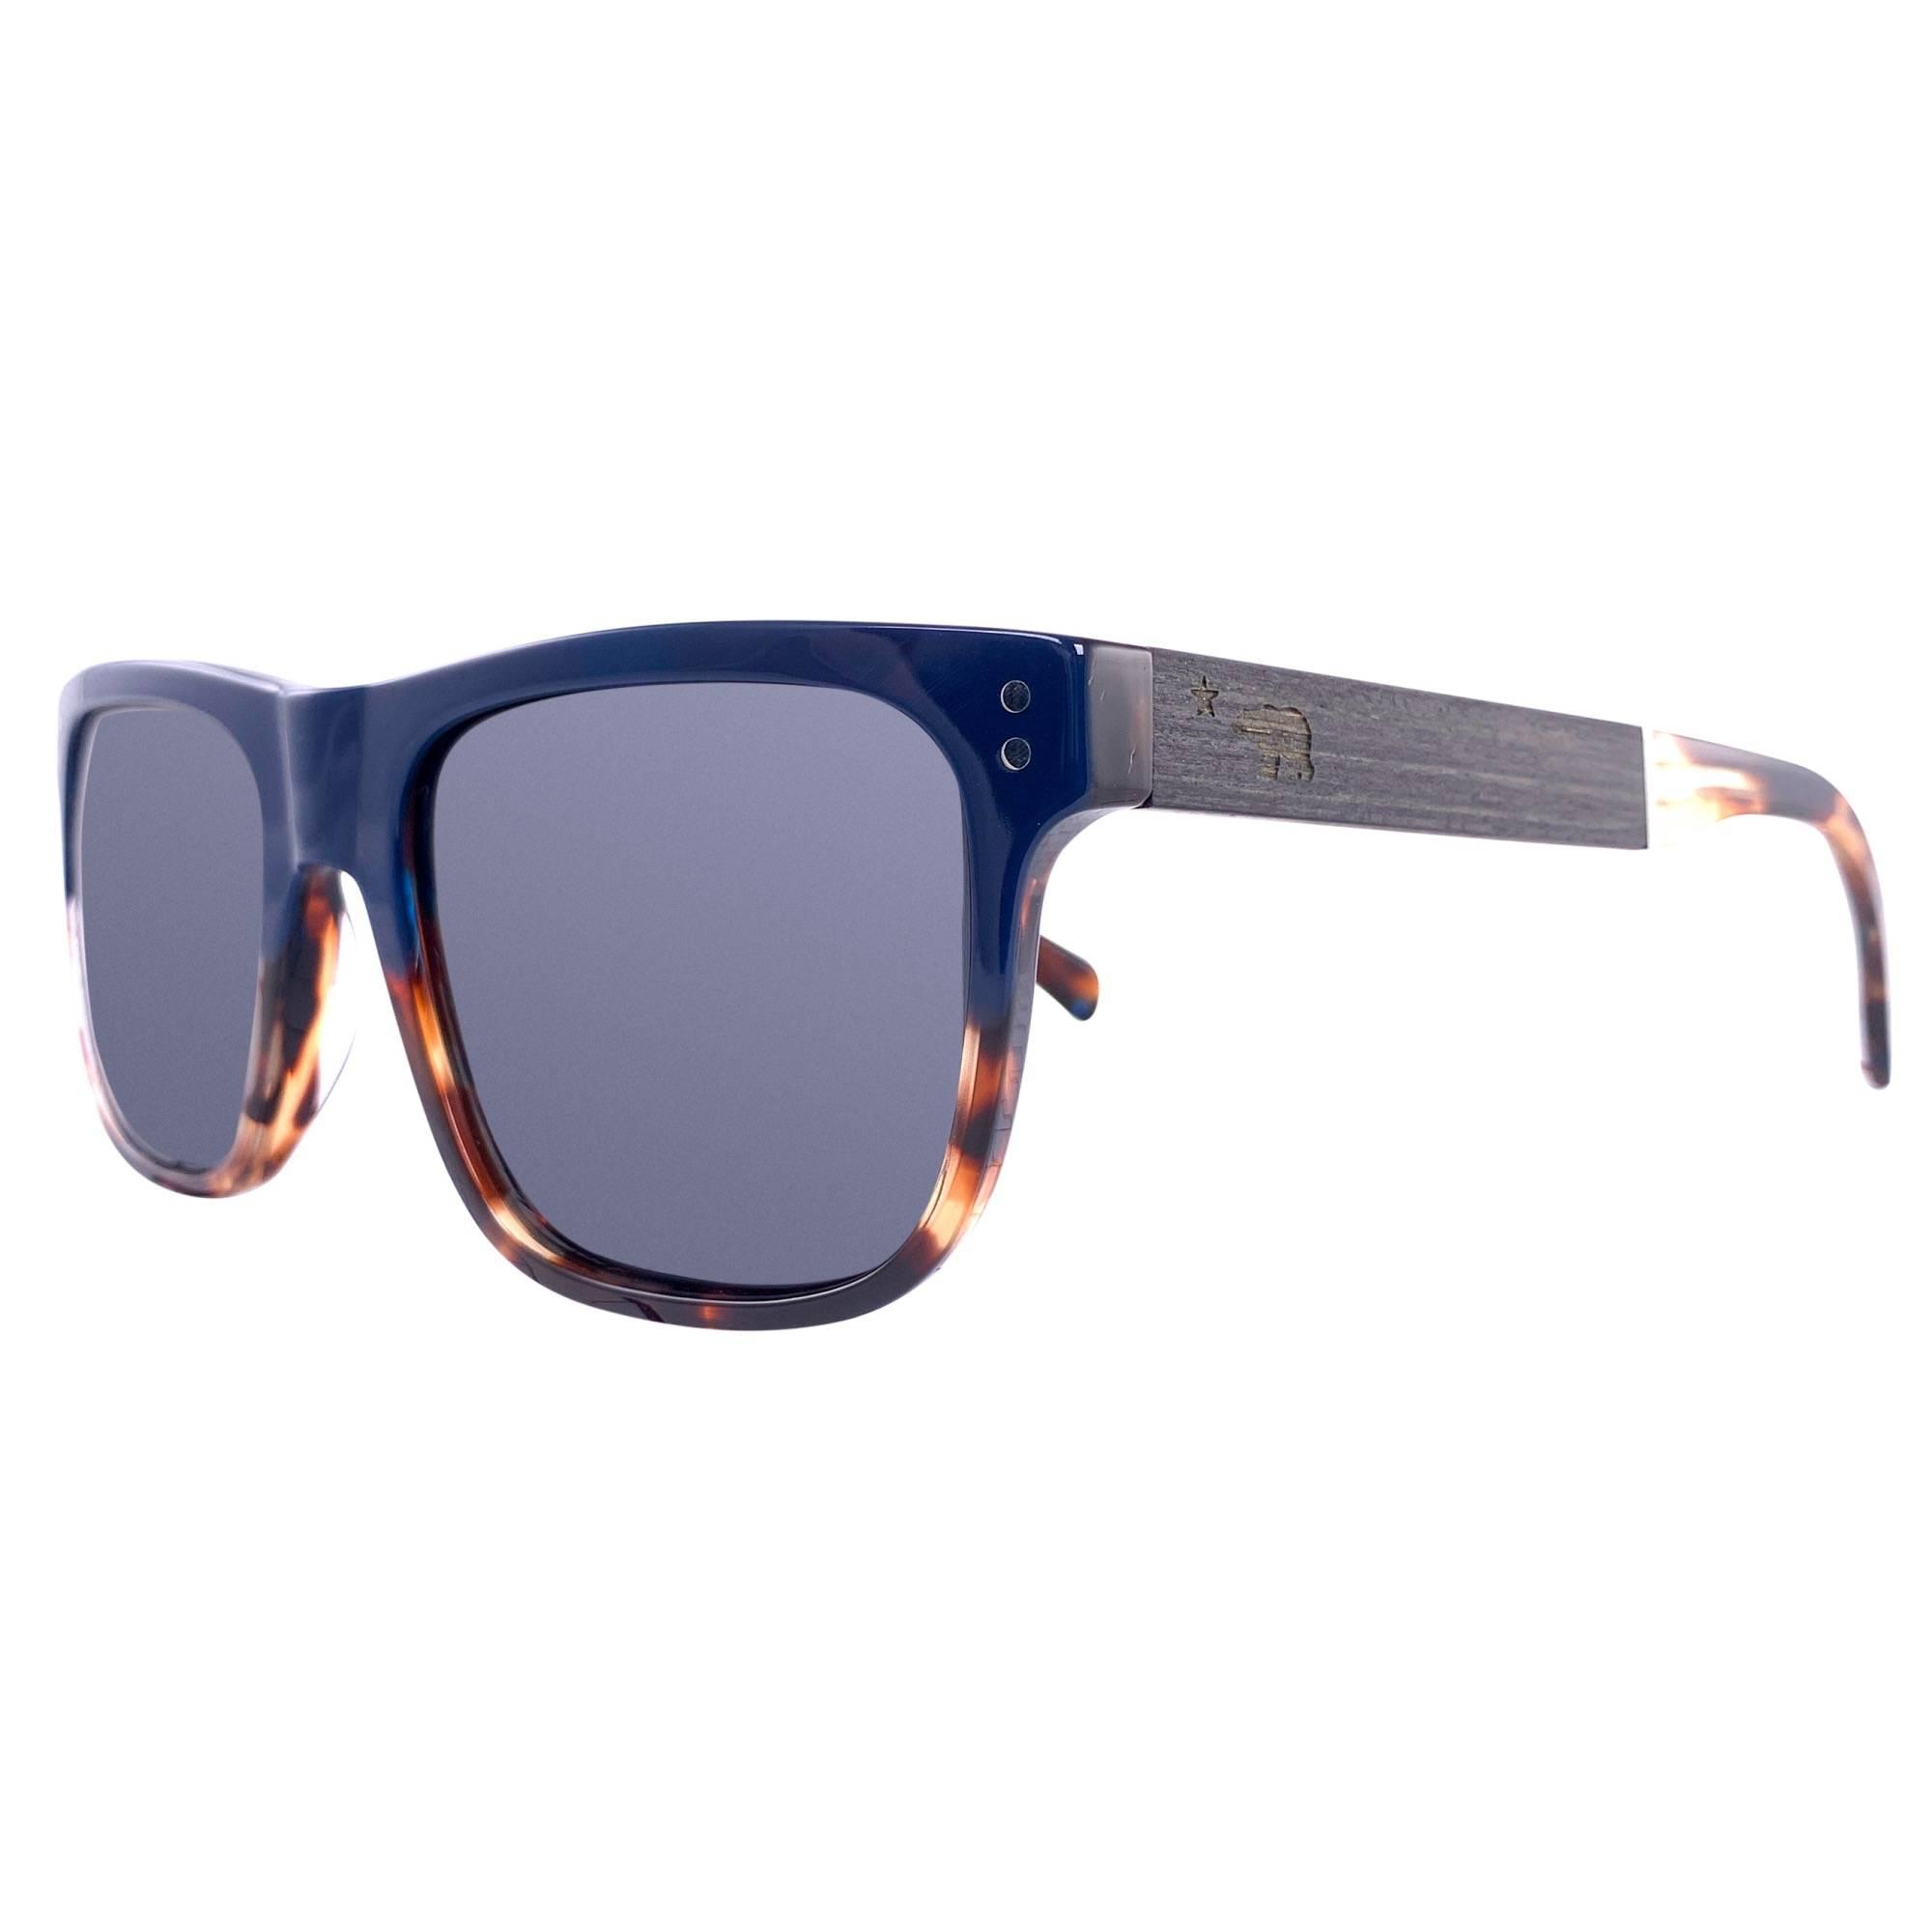 Anza Borrego Sunglasses